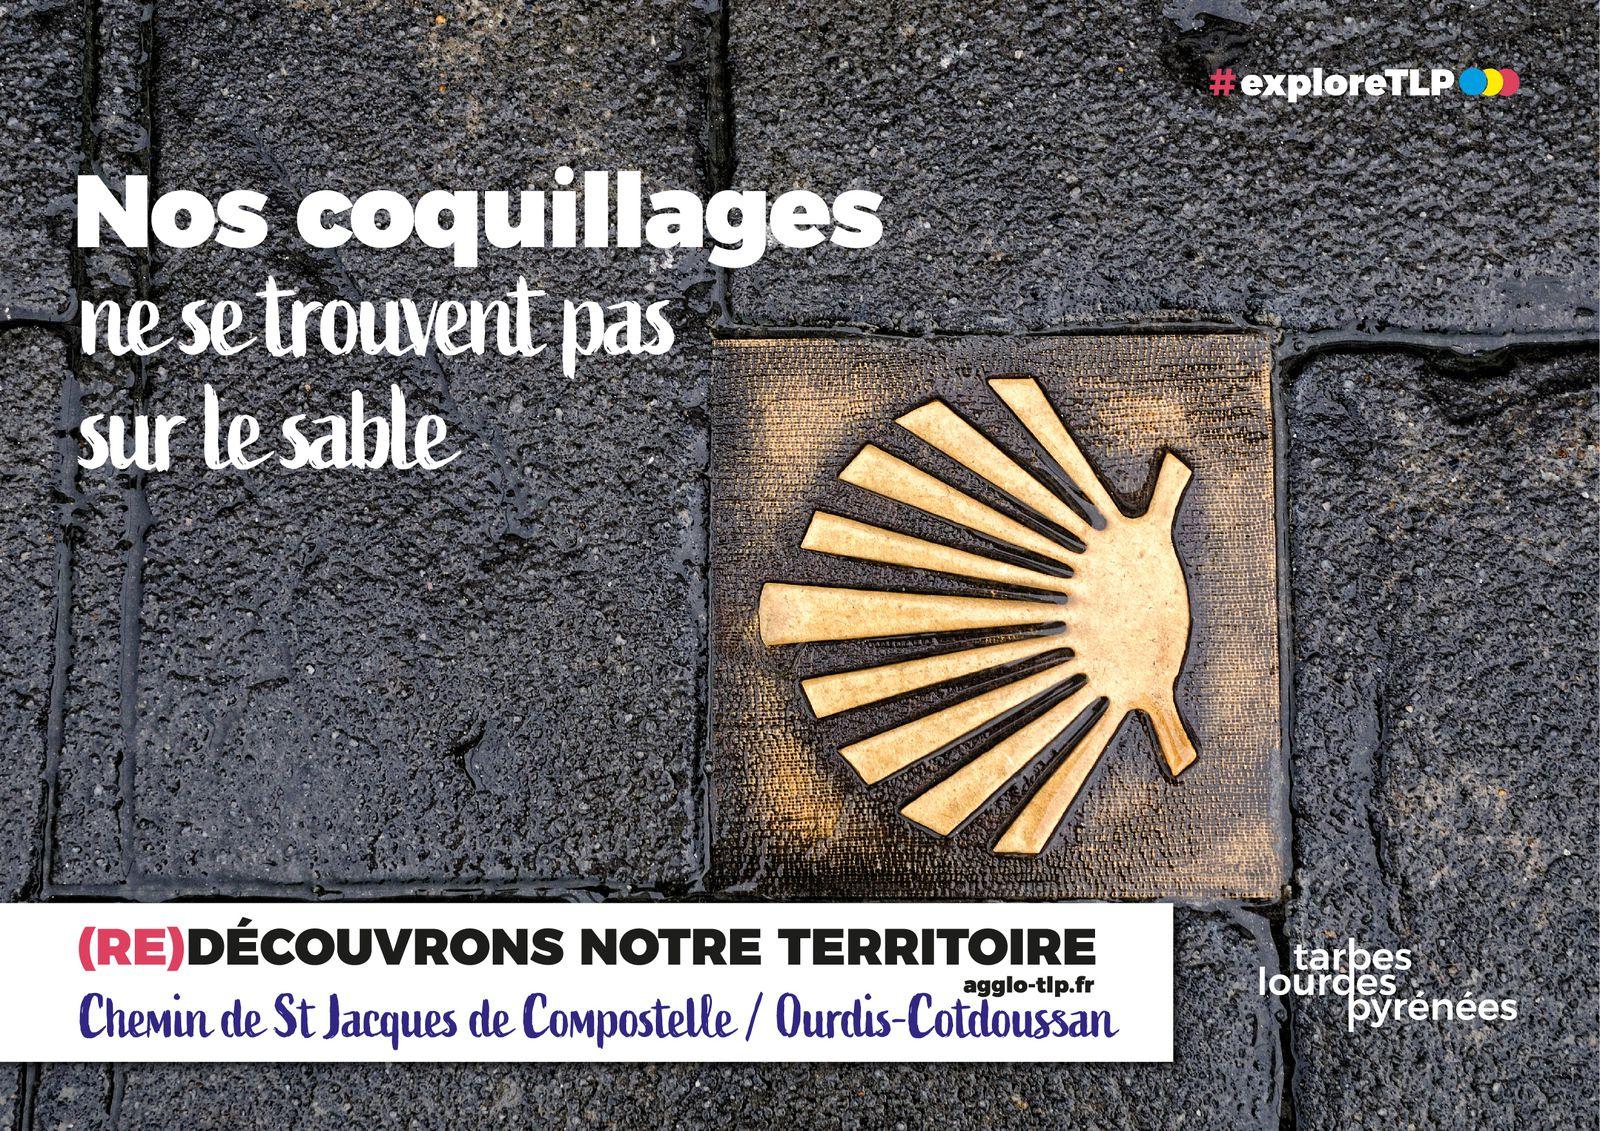 Campagne TLP Tarbes Lourdes Pyrénées, Parcours d'architecture, Jocelyn Lermé, Didier Sabarros, Atelier Edmond Lay, Barbazan-Debat, Hautes-Pyrénées, 2020